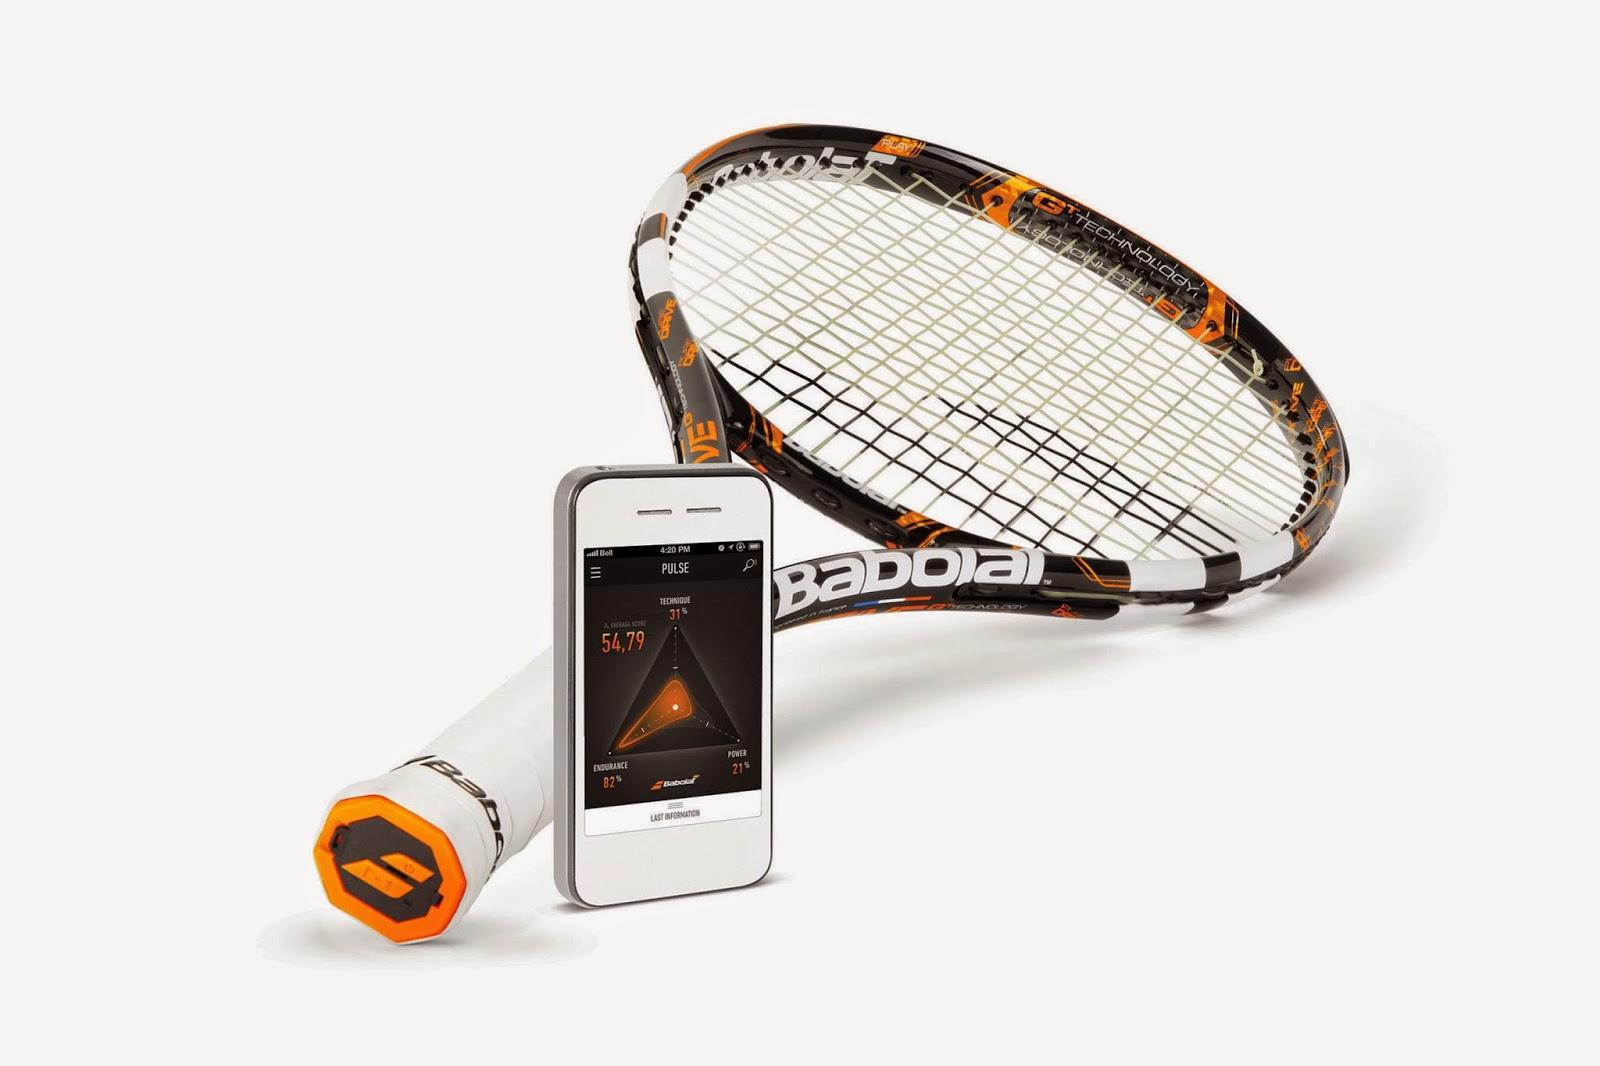 meeste grand slams gewonnen vrouwen tennis